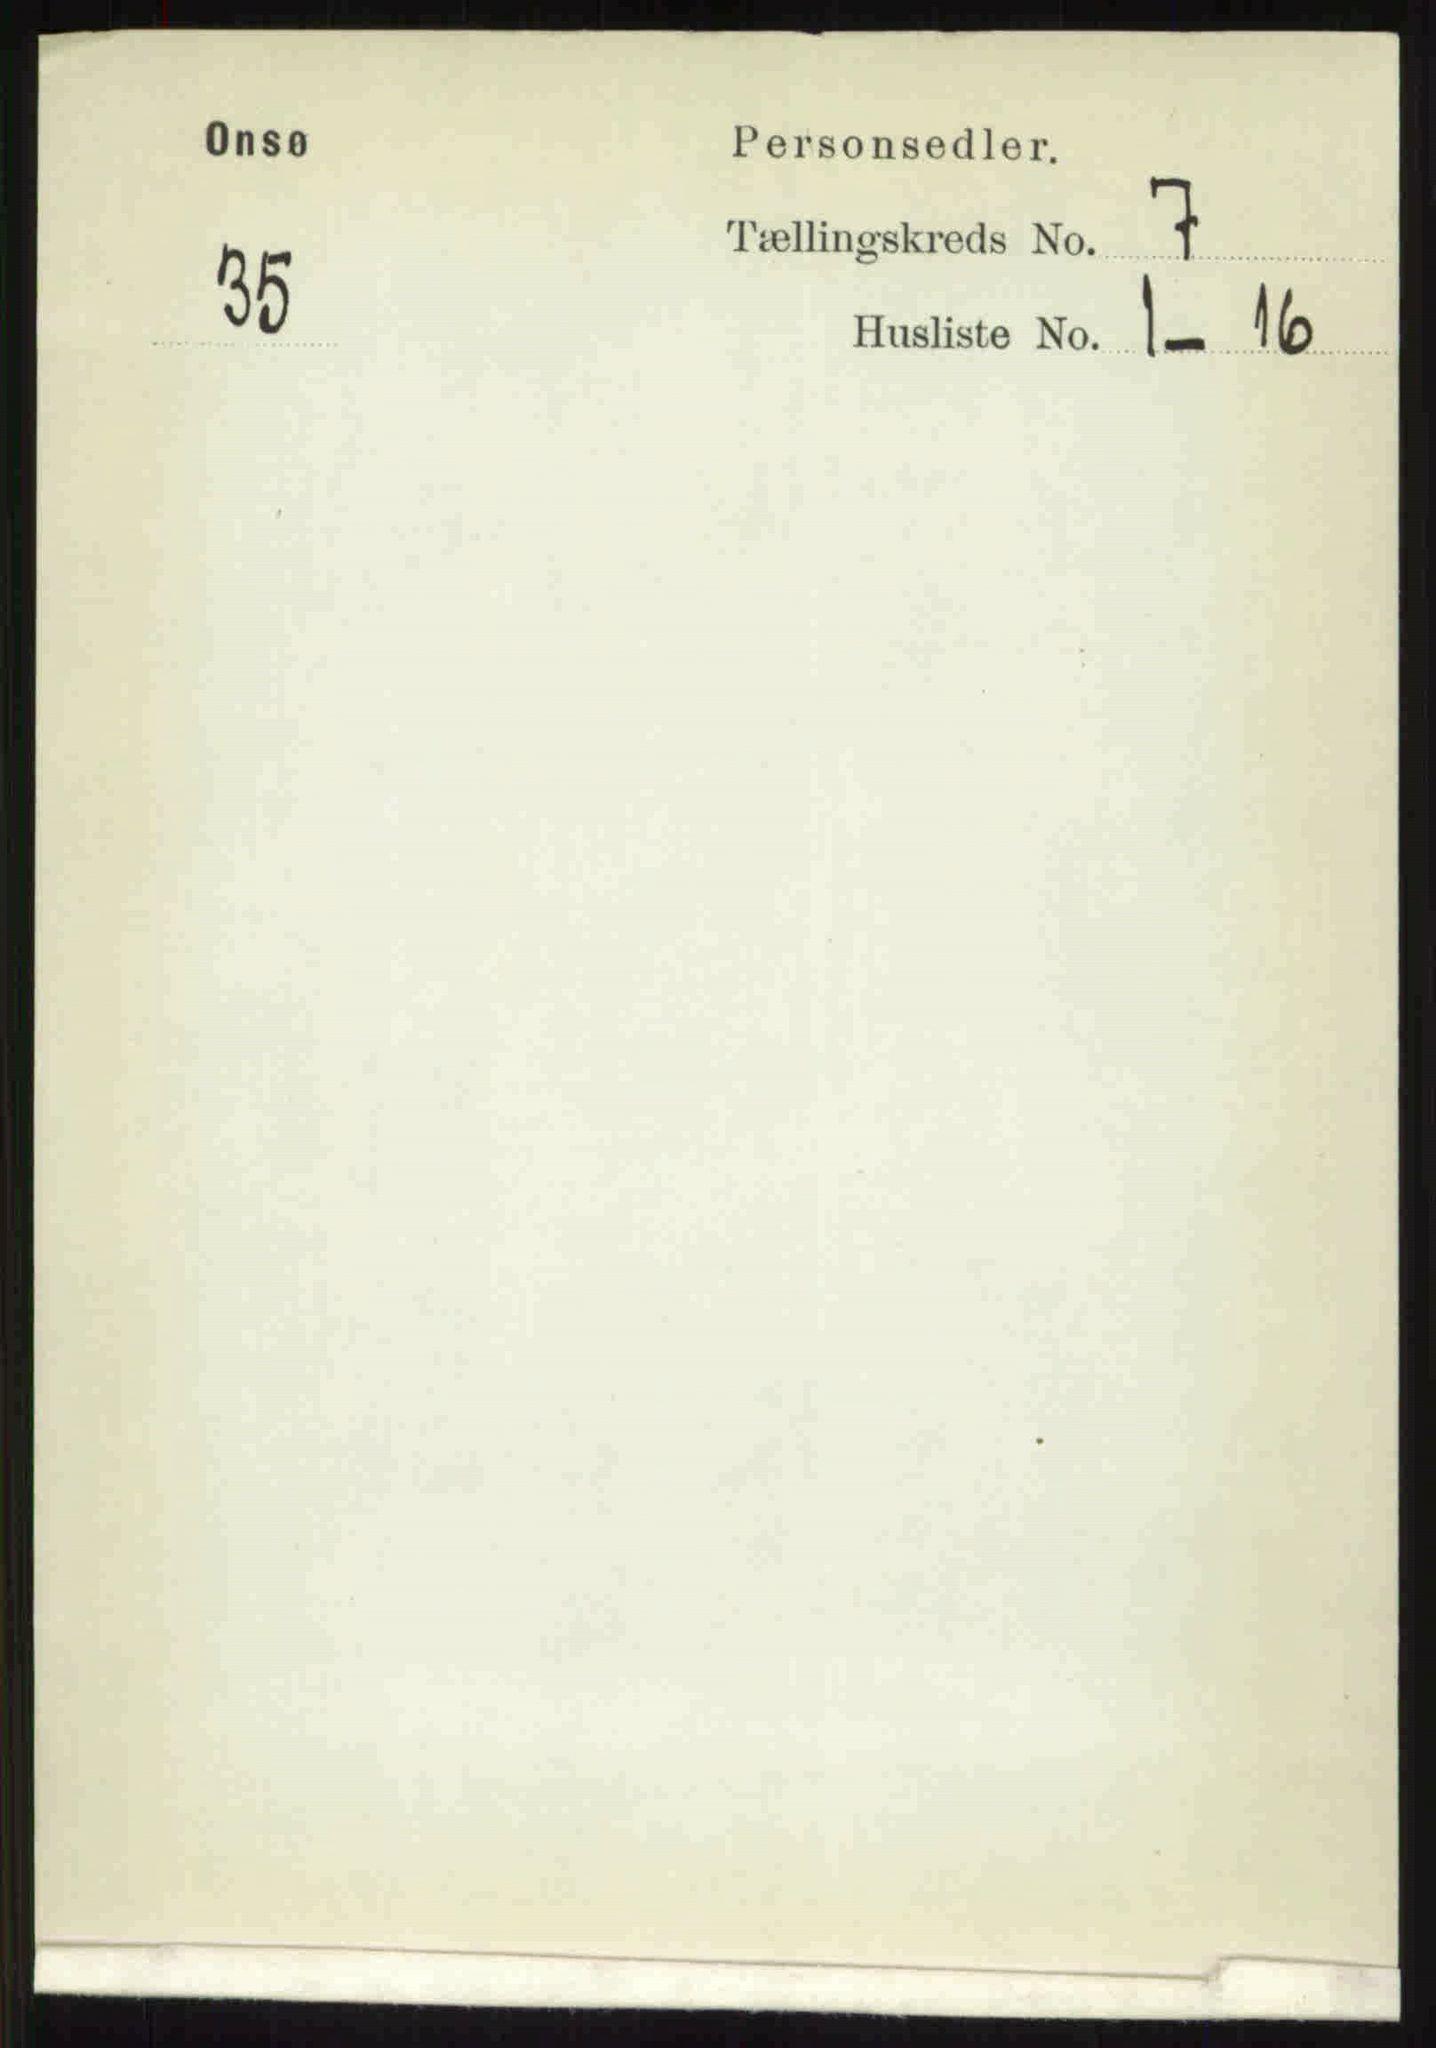 RA, Folketelling 1891 for 0134 Onsøy herred, 1891, s. 6526